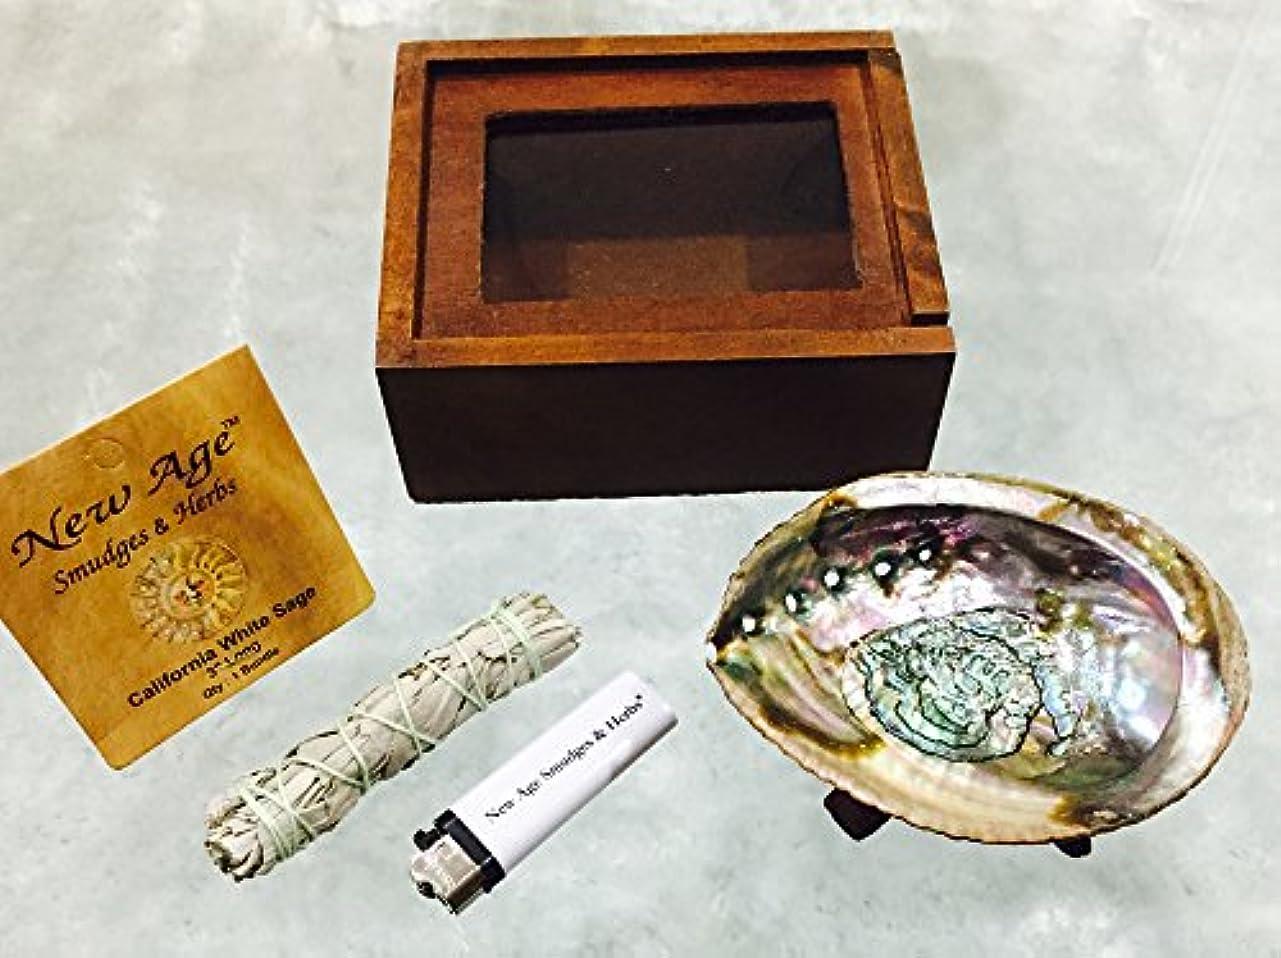 ムス格差幸福新しい年齢や汚れ& Herbs ® – カリフォルニアホワイトセージクレンジング|浄化| BlessingキットIncludes : Abalone Shell 4 – 5インチ、木製三脚4インチ、ホワイトセージ3 – 4インチ、木製ボックス、無料ギフト